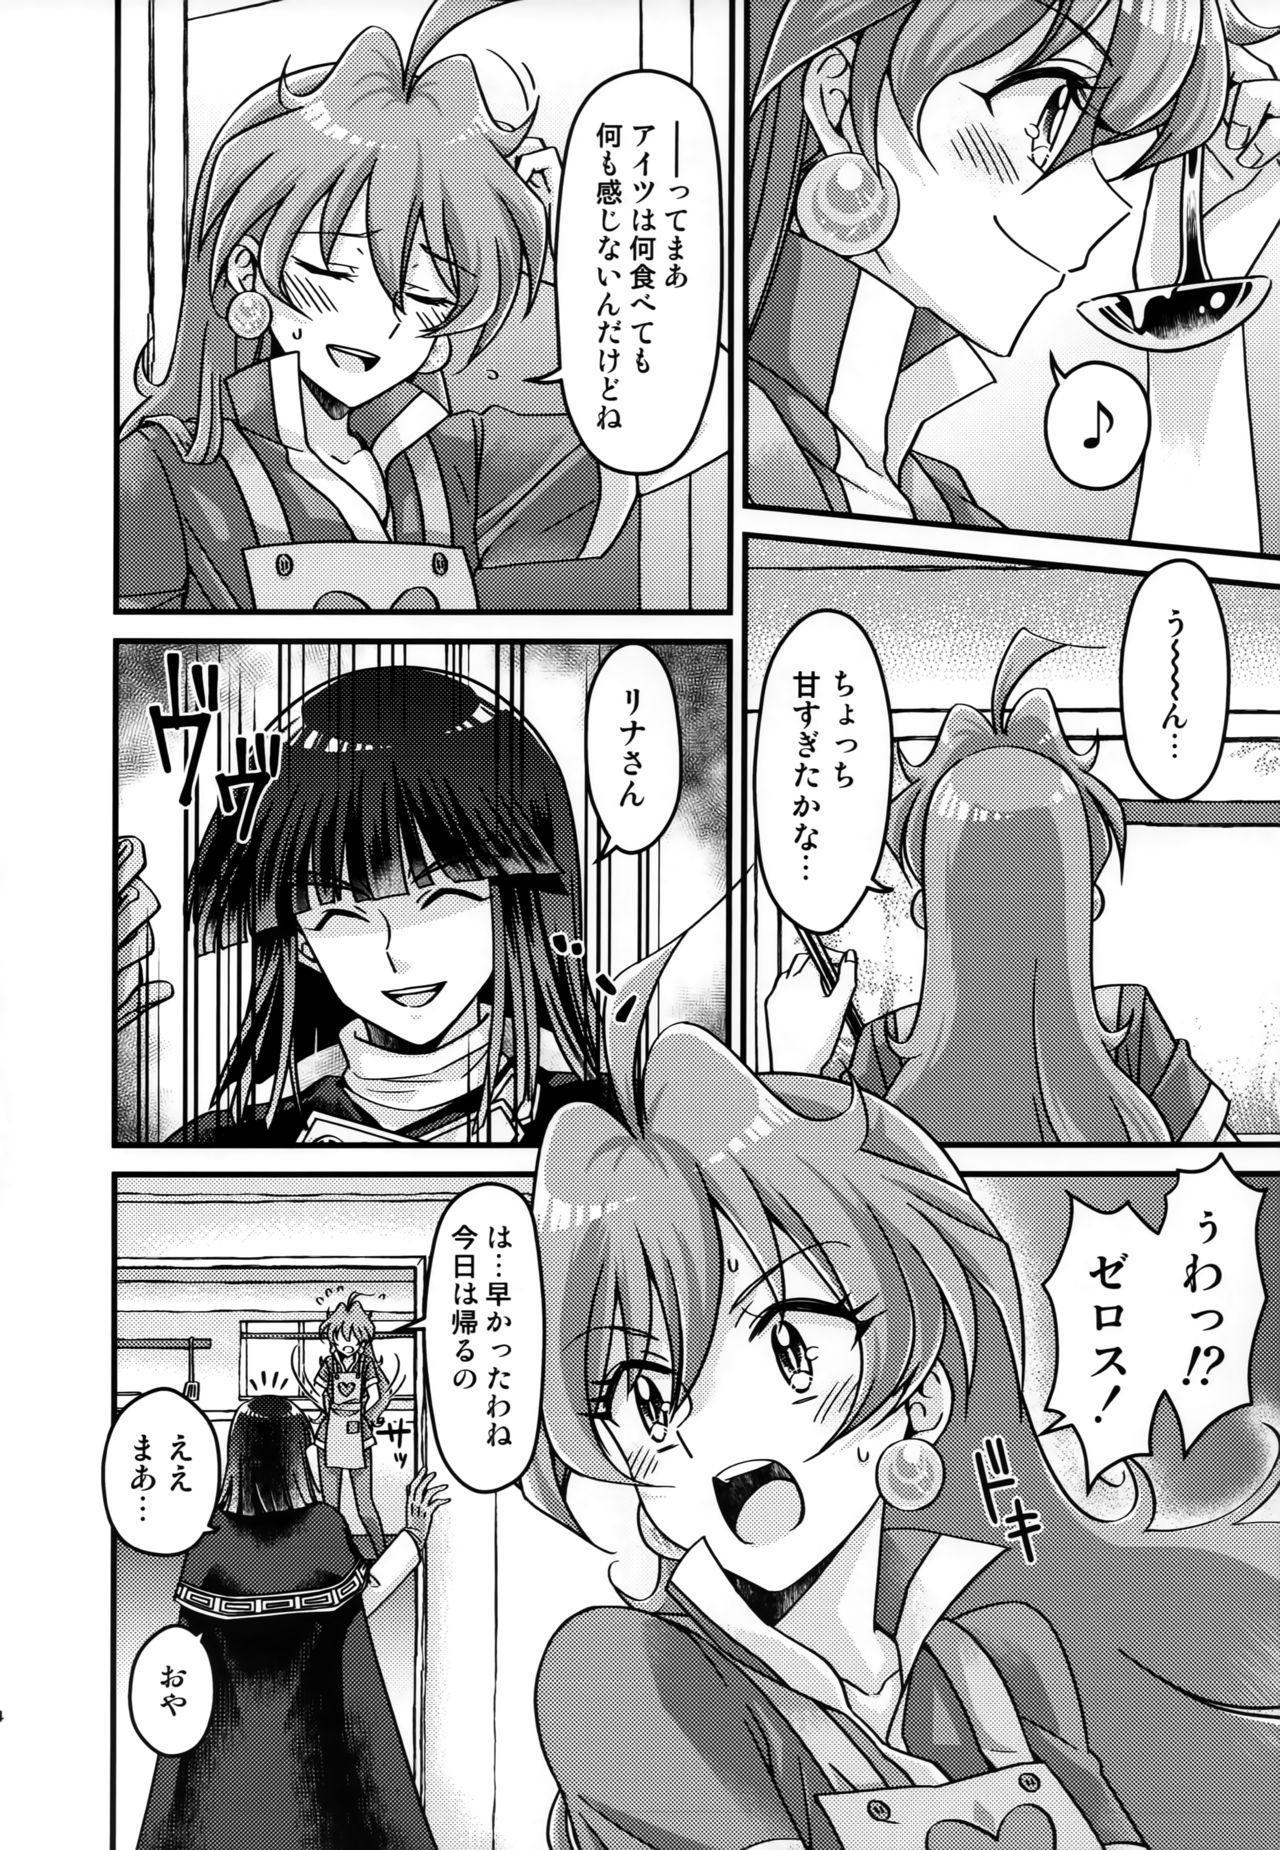 Lina-san ga Kawaii kara Shikatanai. 2